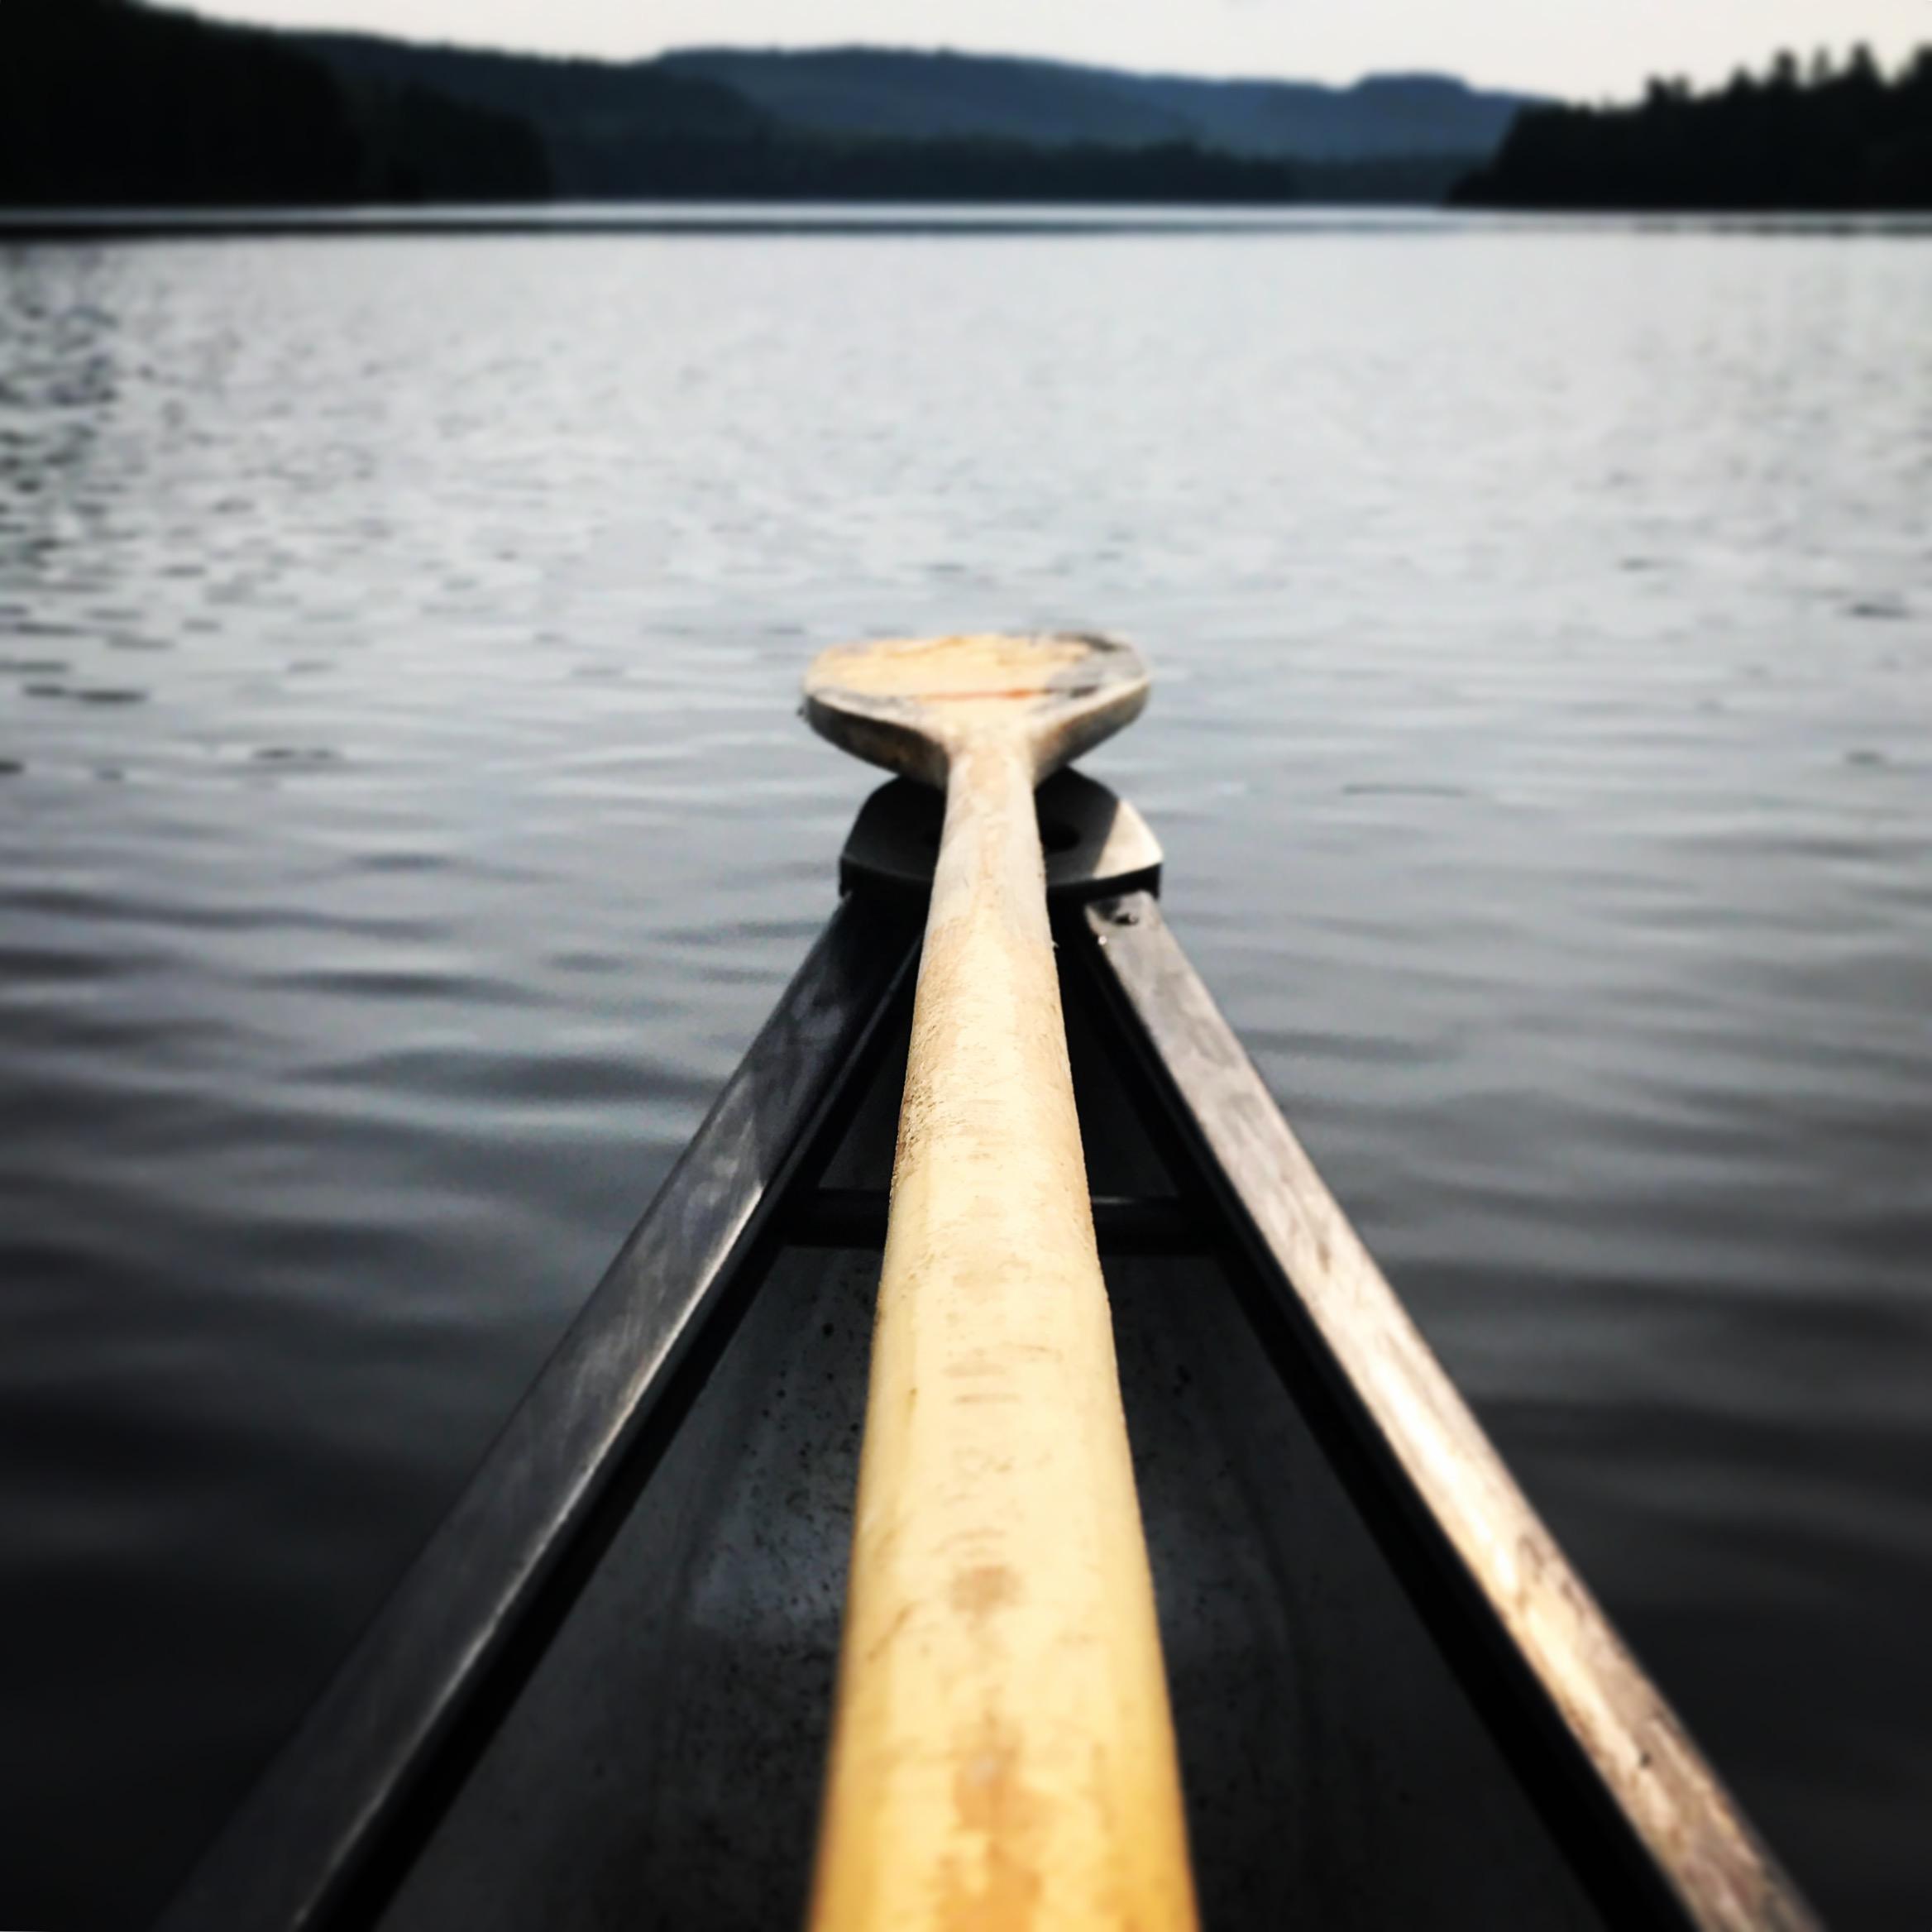 Canoe do it?